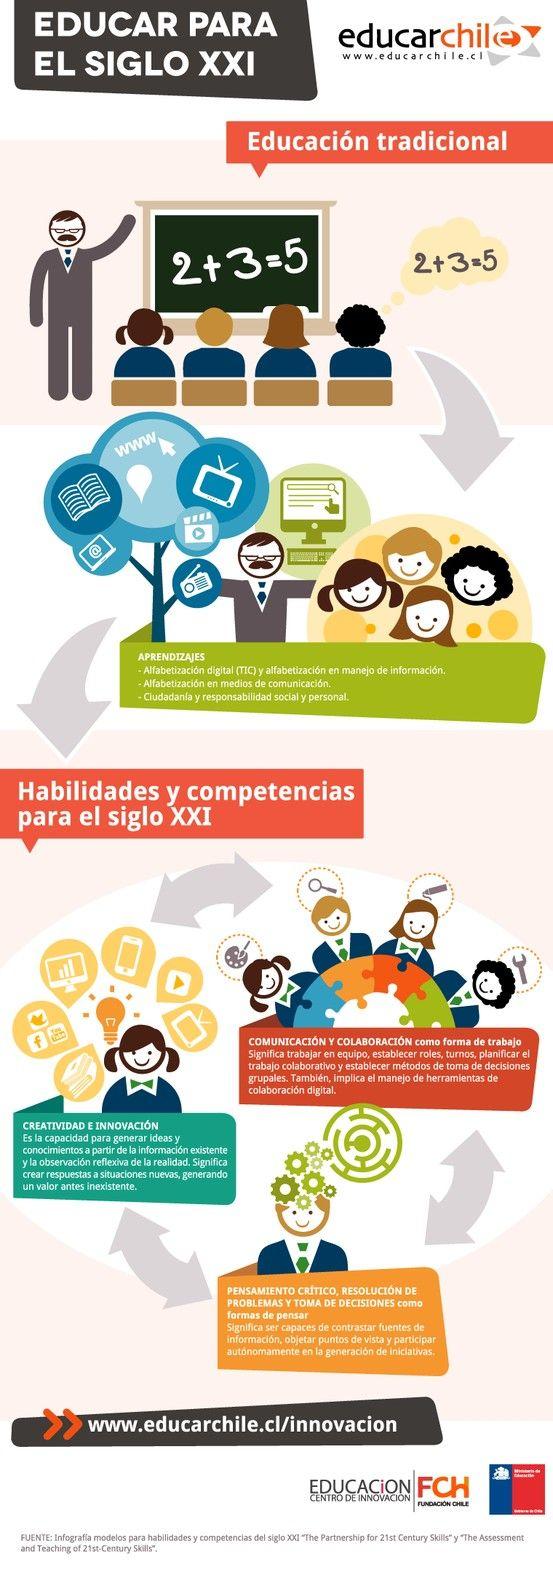 Hola: Compartimos una infografía sobre las Habilidades y Competencias Educativas del Siglo XXI. Un gran saludo. Elaboración: educarchile Enlaces relacionados: Como Estimular la Creati...